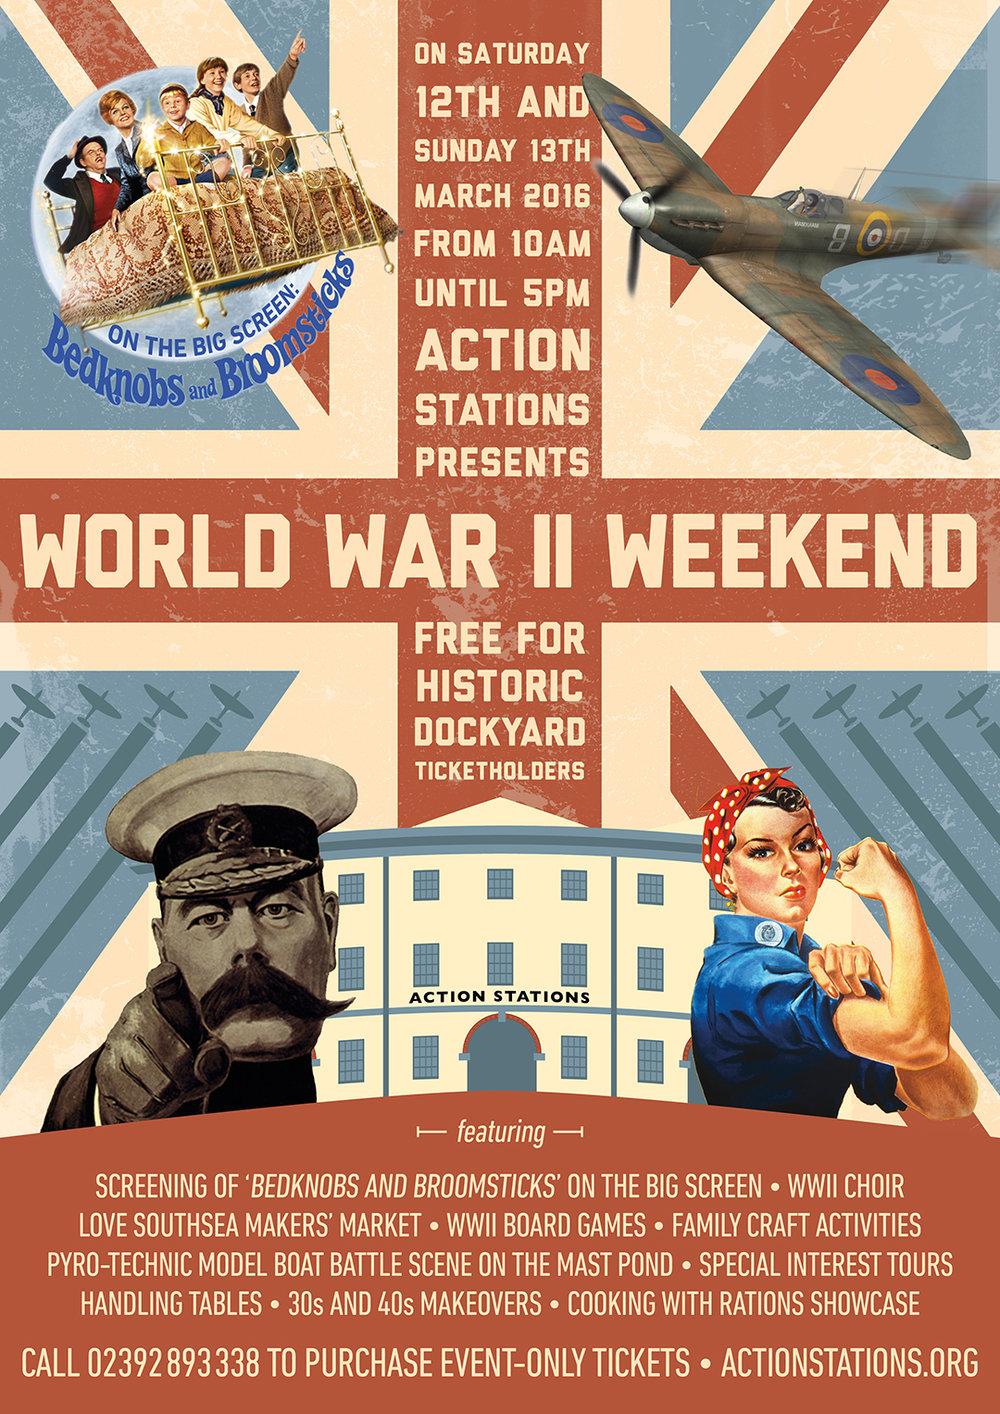 WWII Weekend.jpg